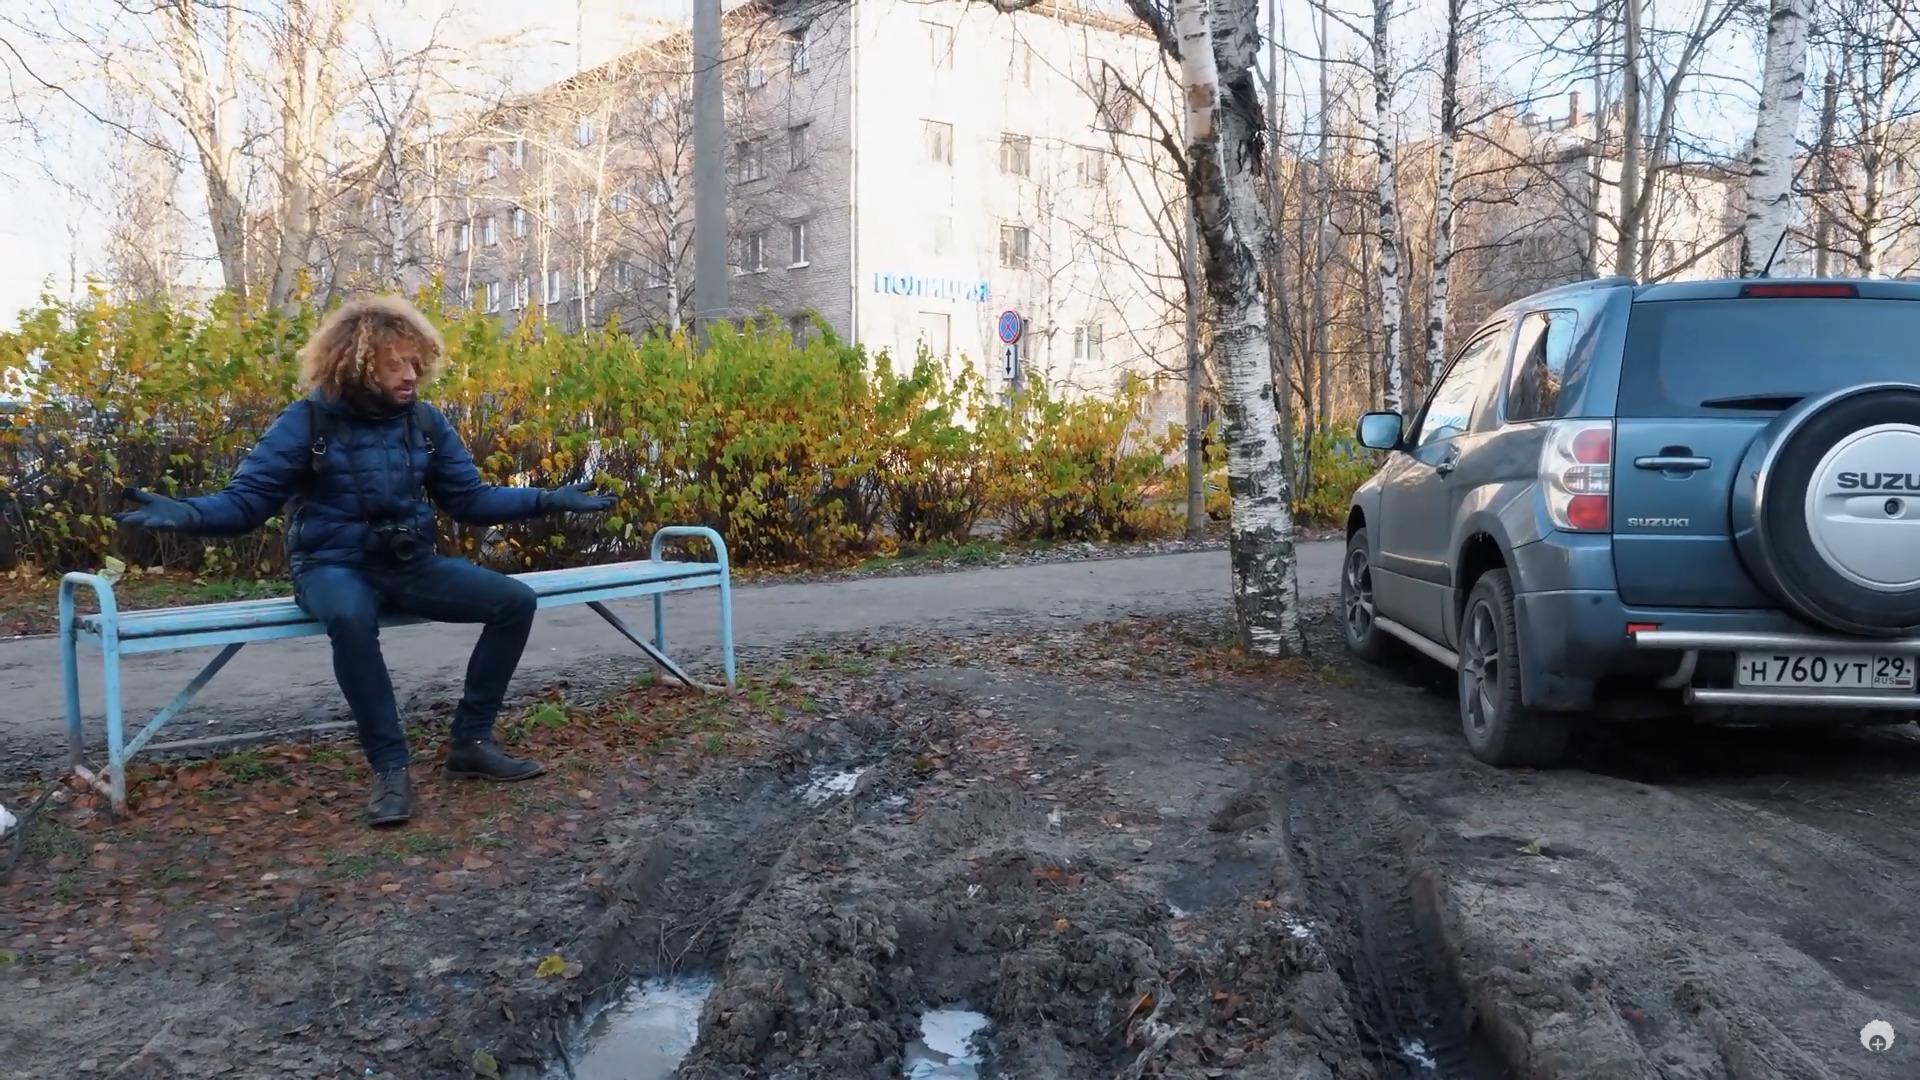 Илья Варламов возмущается, что архангелогородцы паркуются на газонах. И предлагает сделать в городе платные парковки